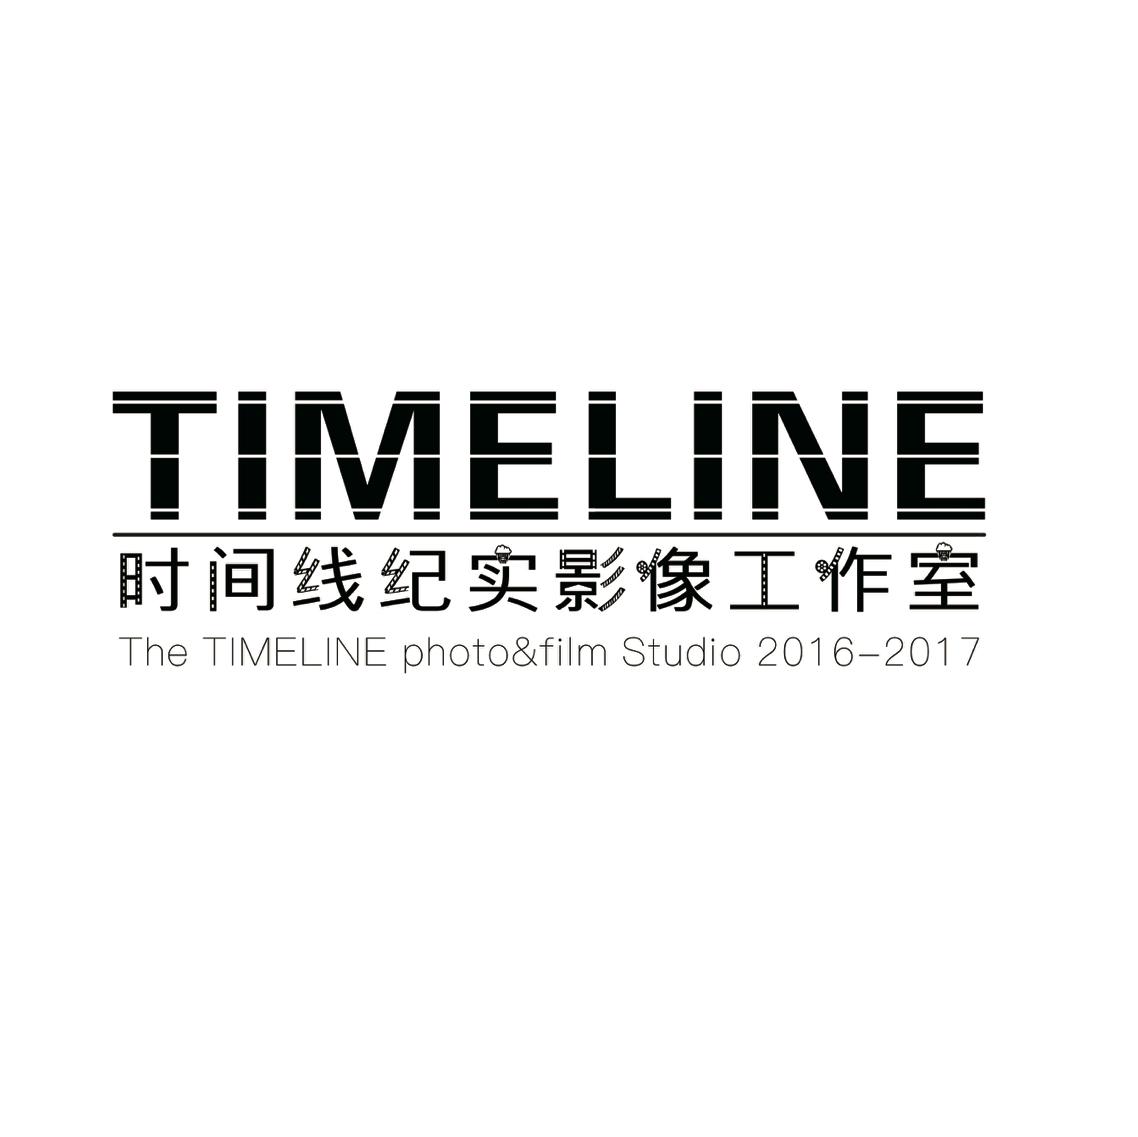 时间线纪实影像工作室